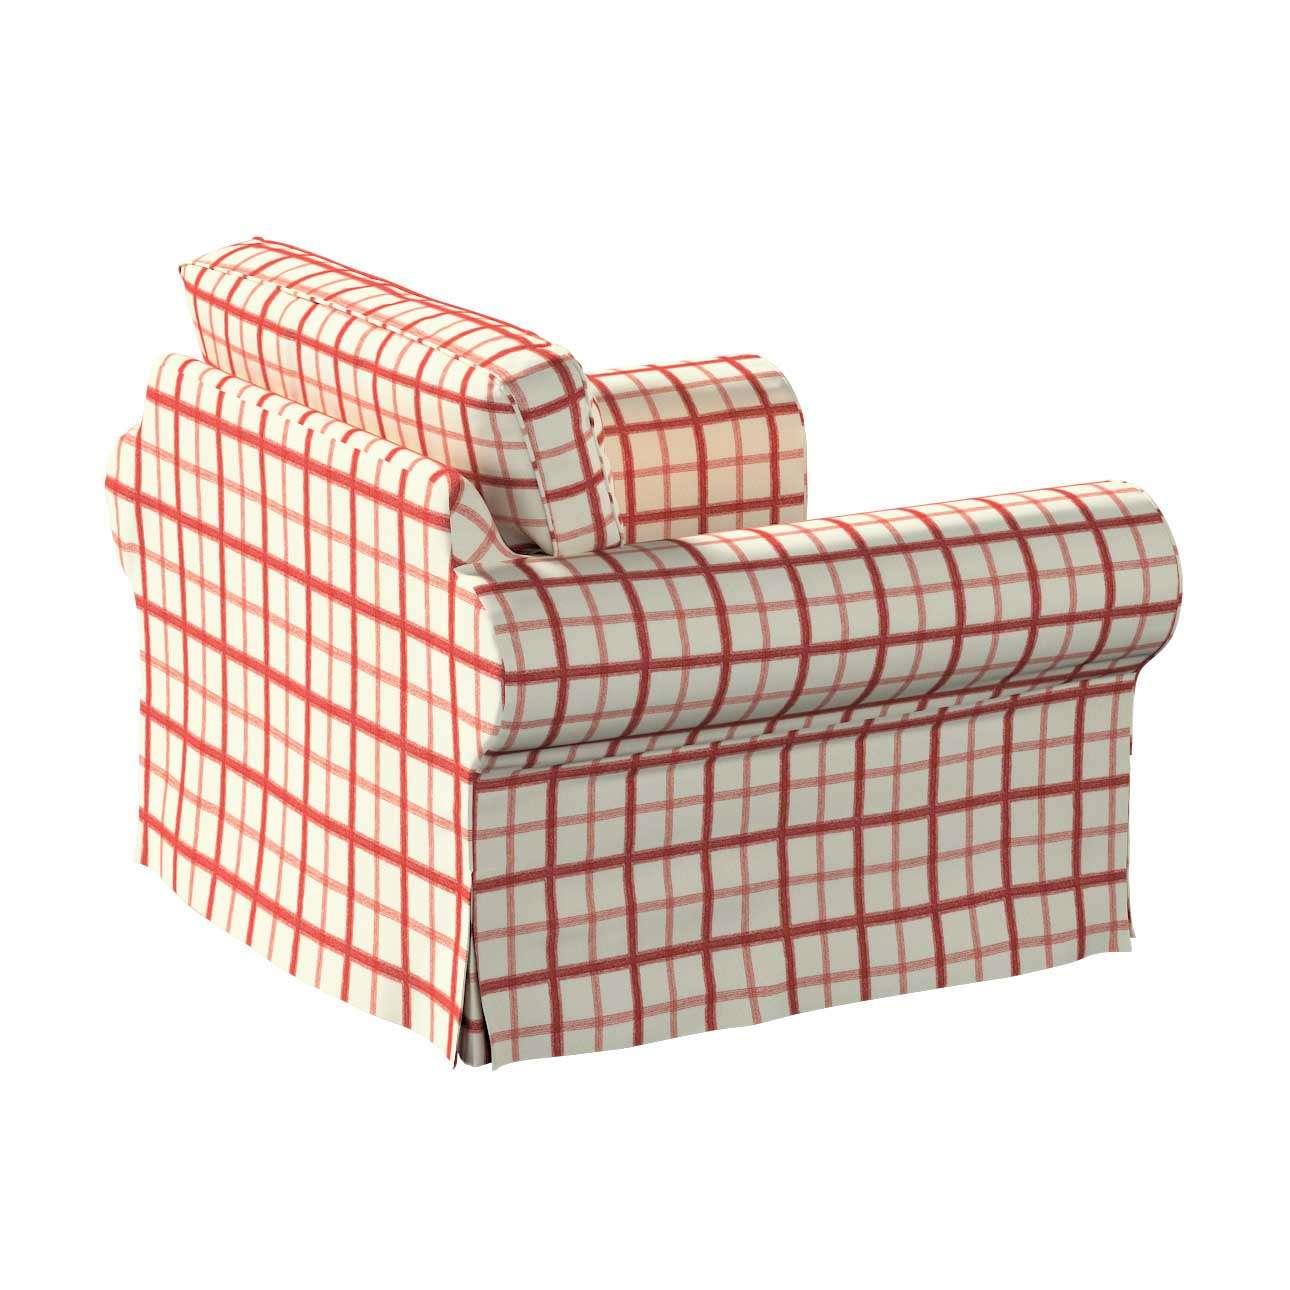 EKTORP fotelio užvalkalas Ektorp fotelio užvalkalas kolekcijoje Avinon, audinys: 131-15